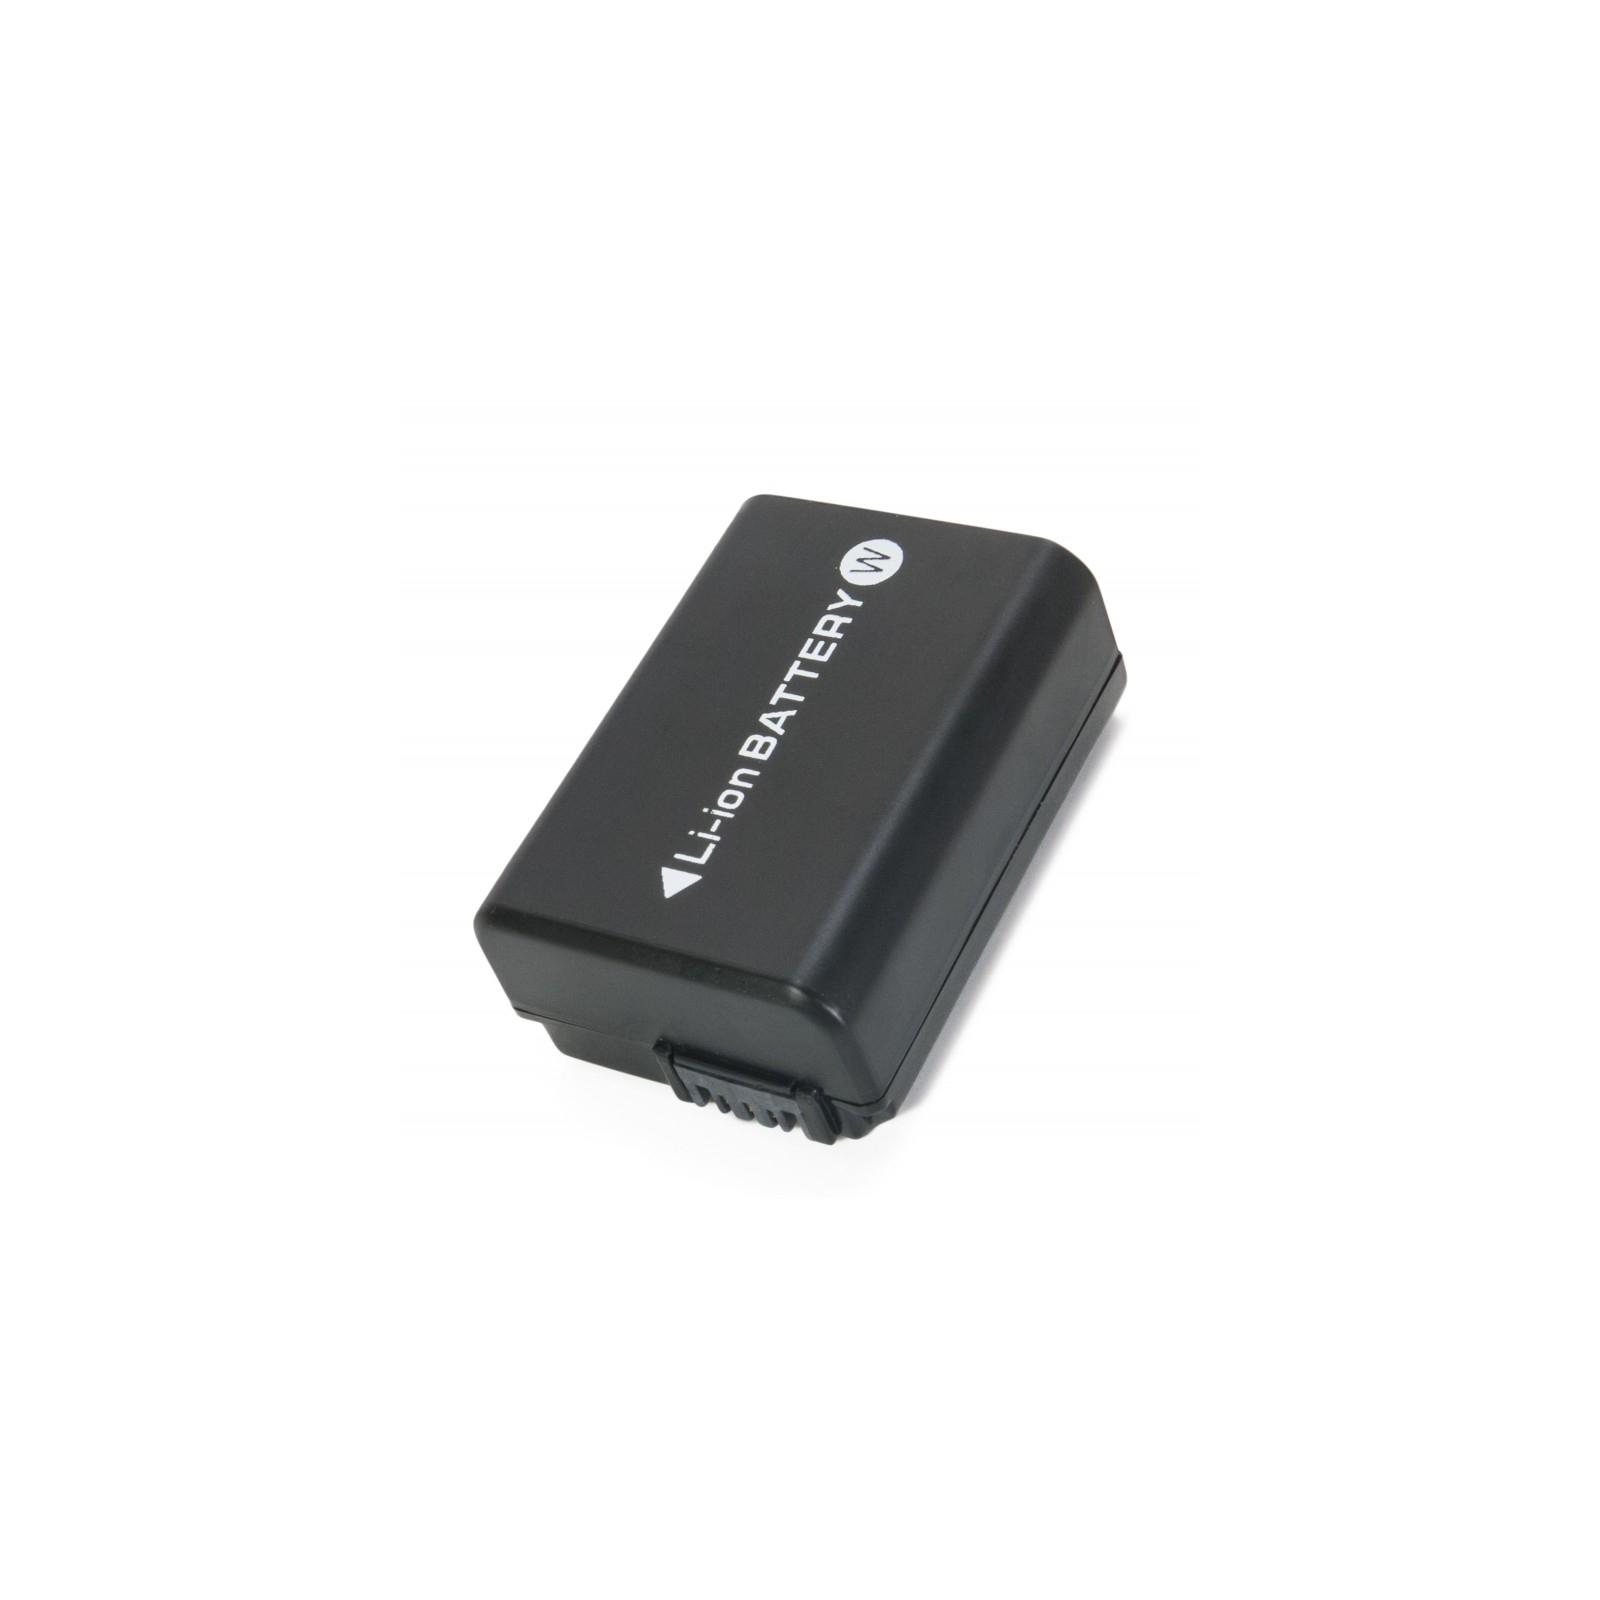 Аккумулятор к фото/видео EXTRADIGITAL Sony NP-FW50 (BDS2678) изображение 5